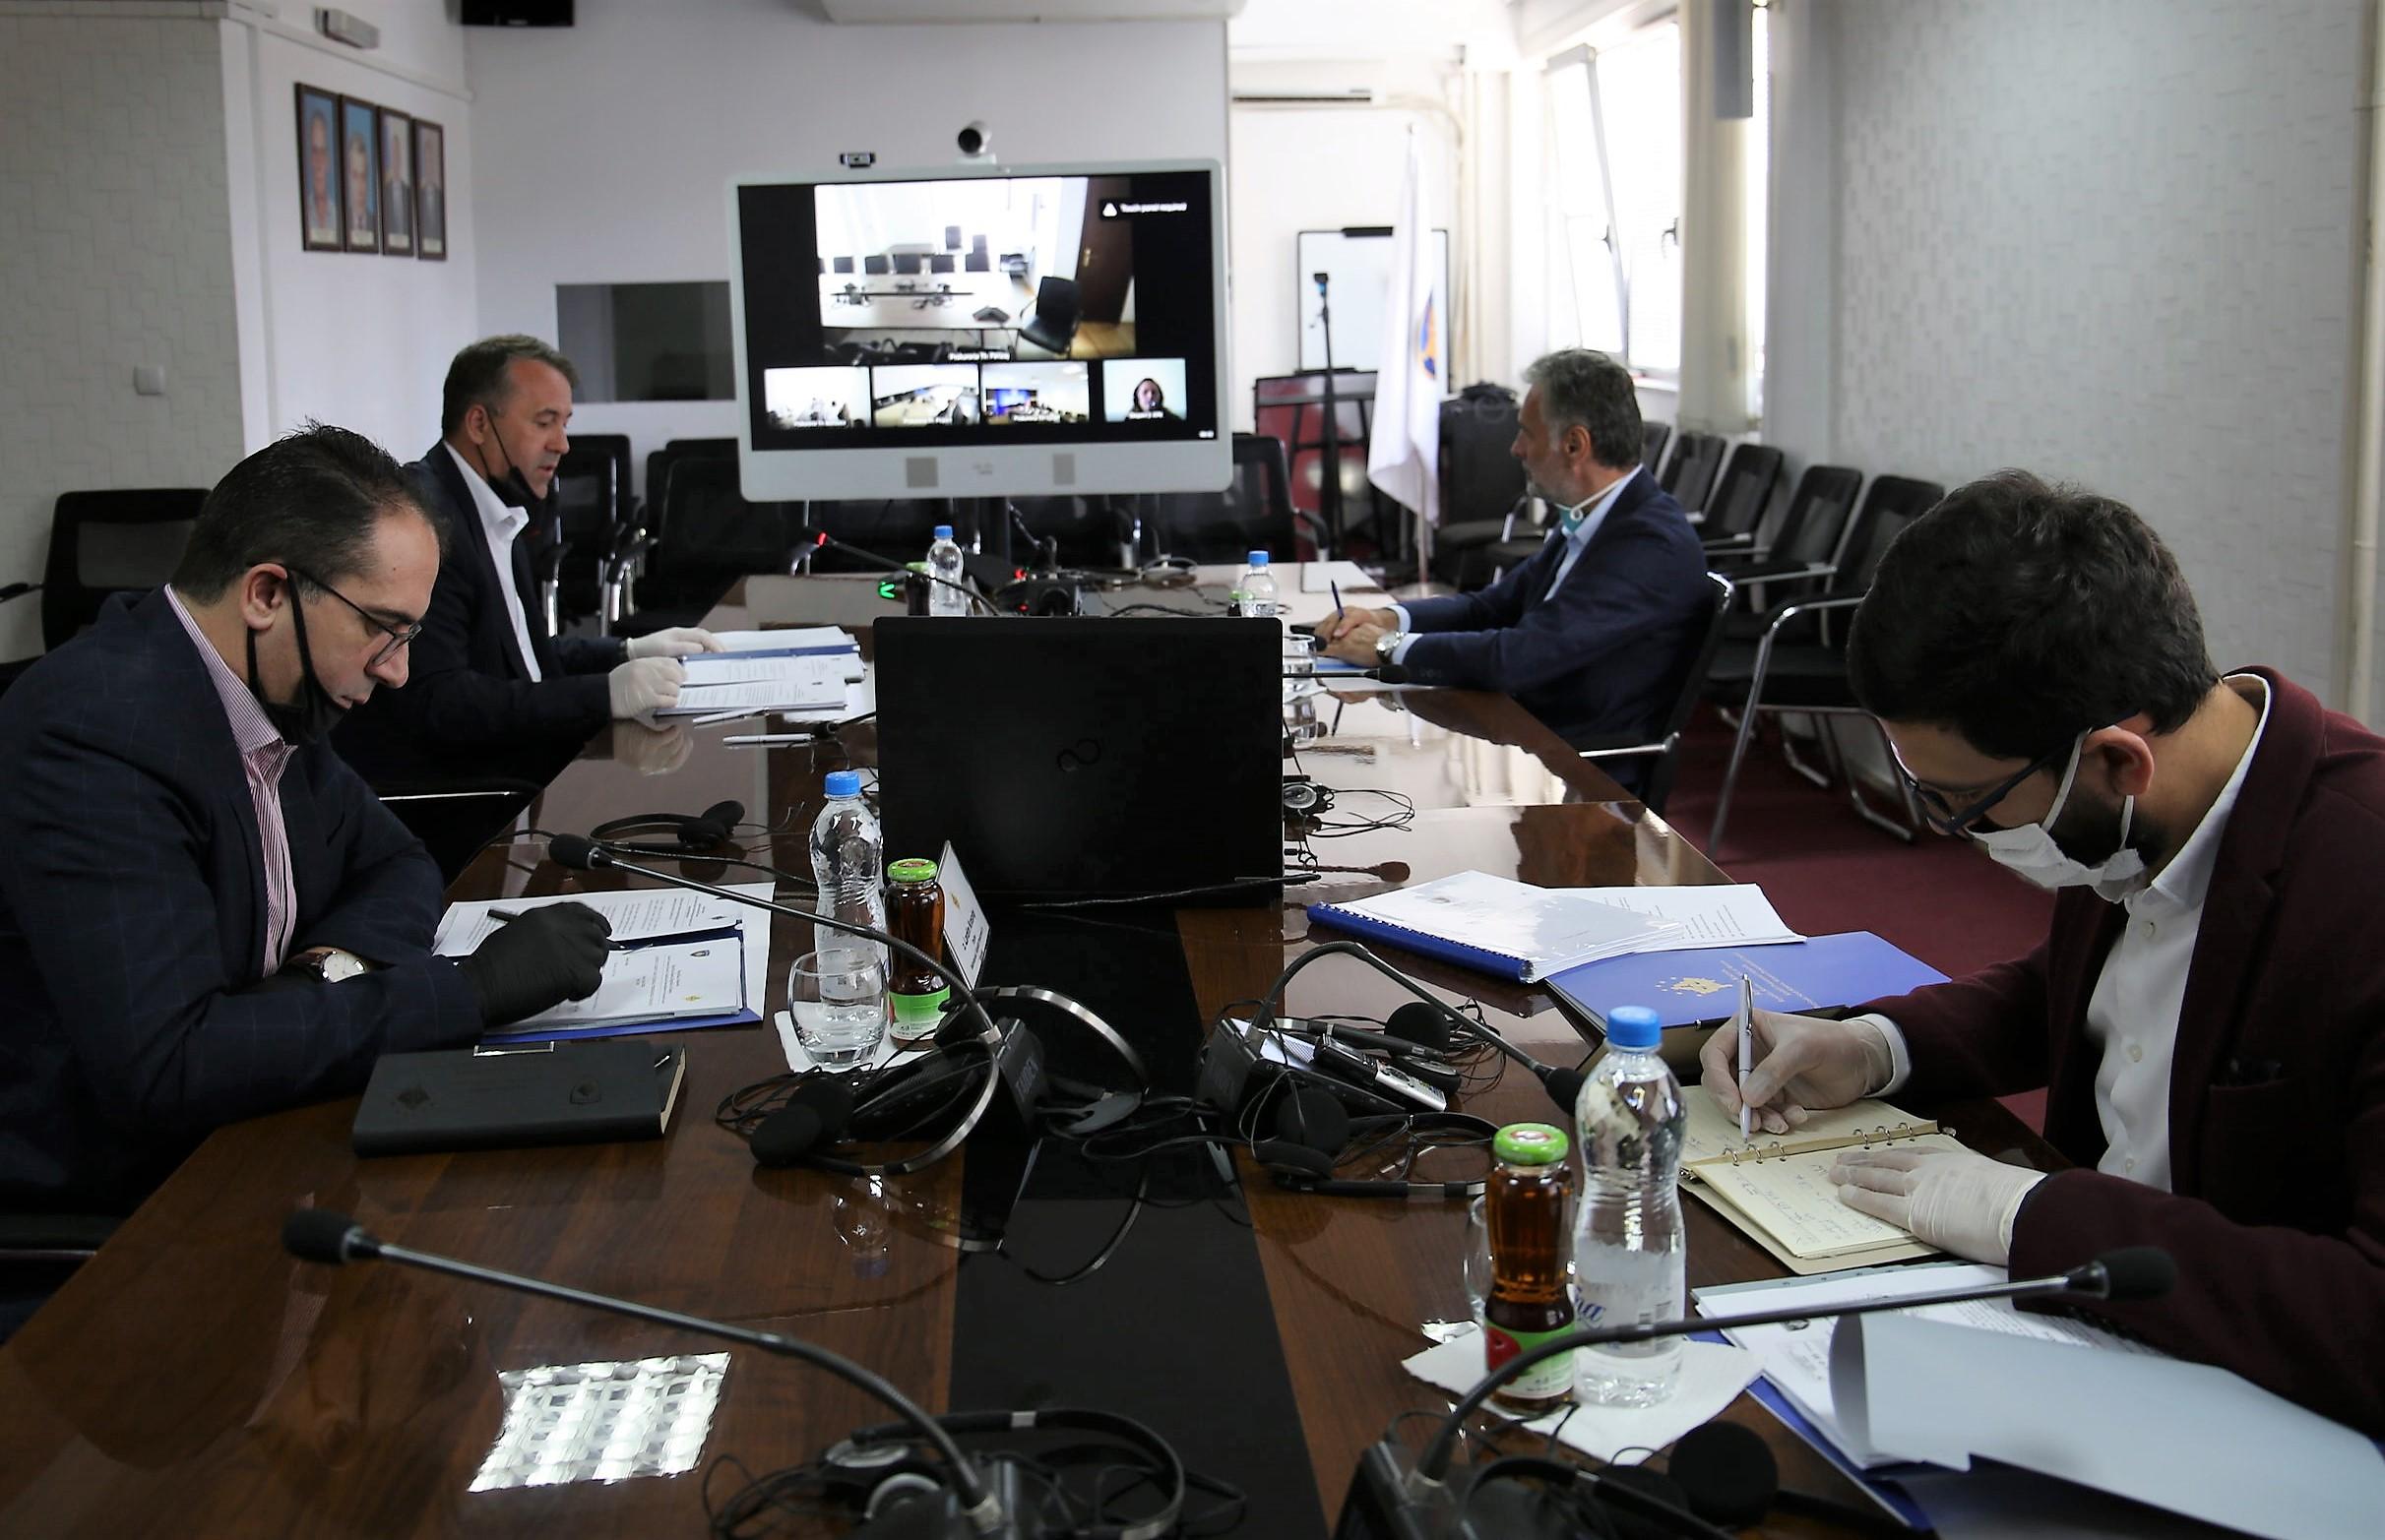 Këshilli Prokurorial i Kosovës ka marrë vendim për themelimin e një paneli hetimor